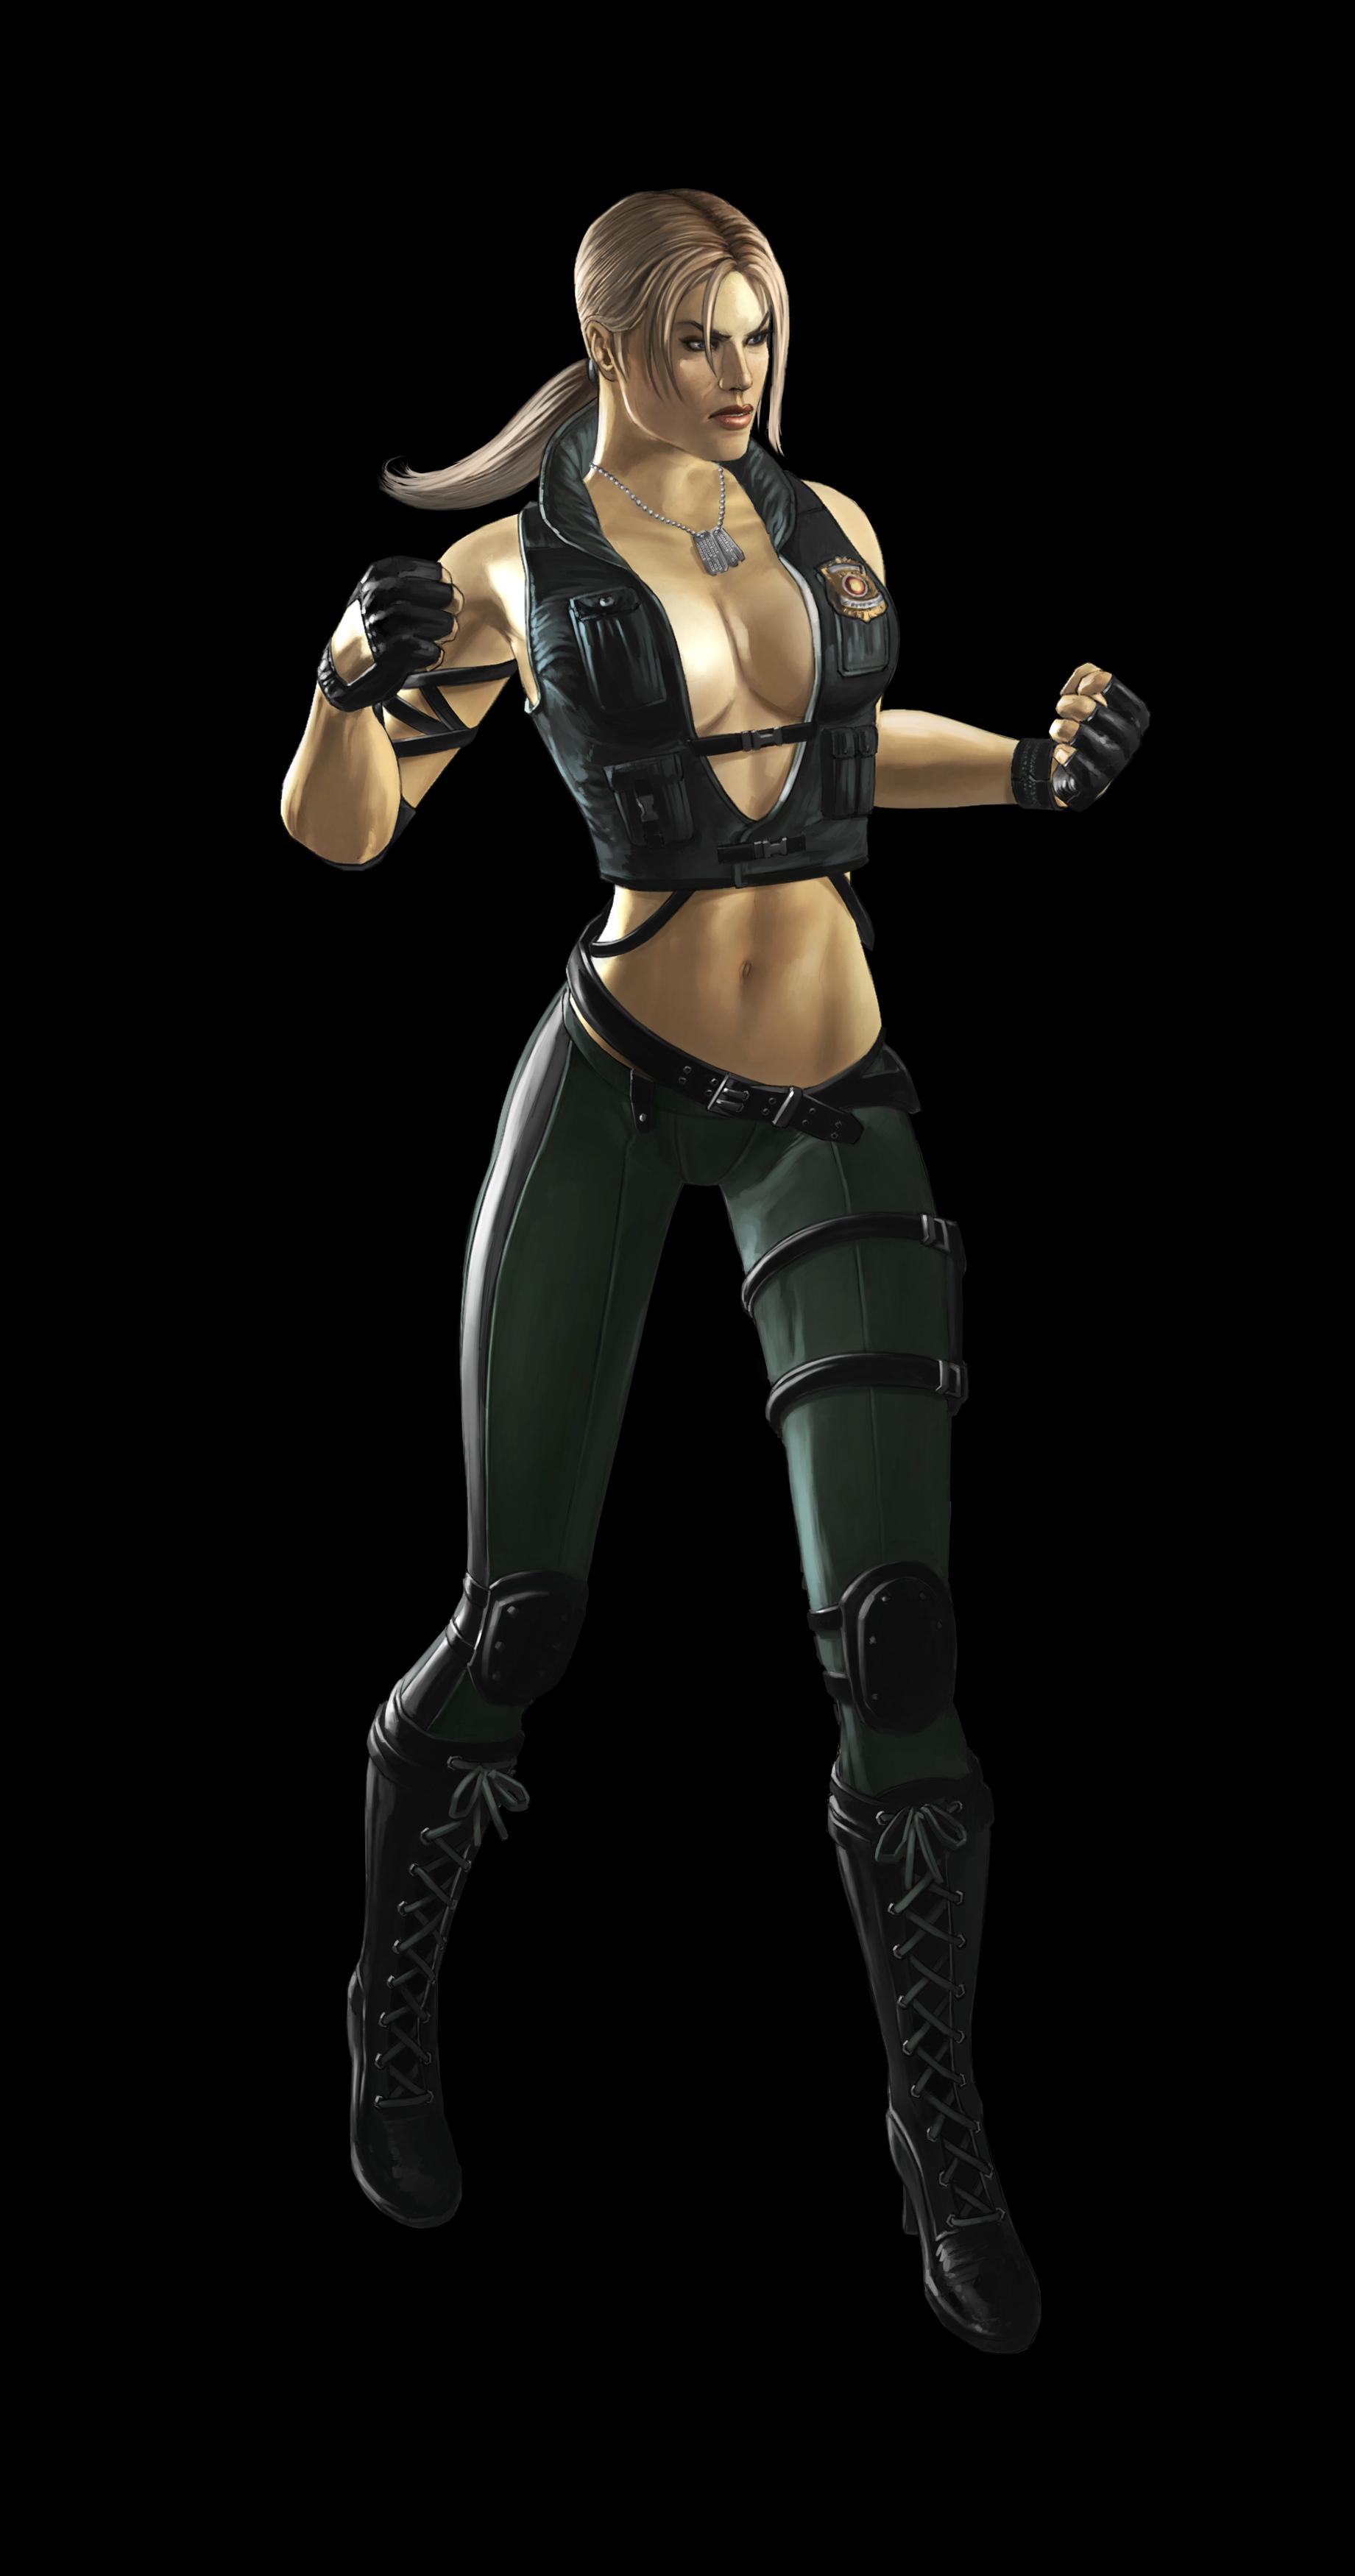 Mortal Kombat Sonya Blade Wallpaper - WallpaperSafari